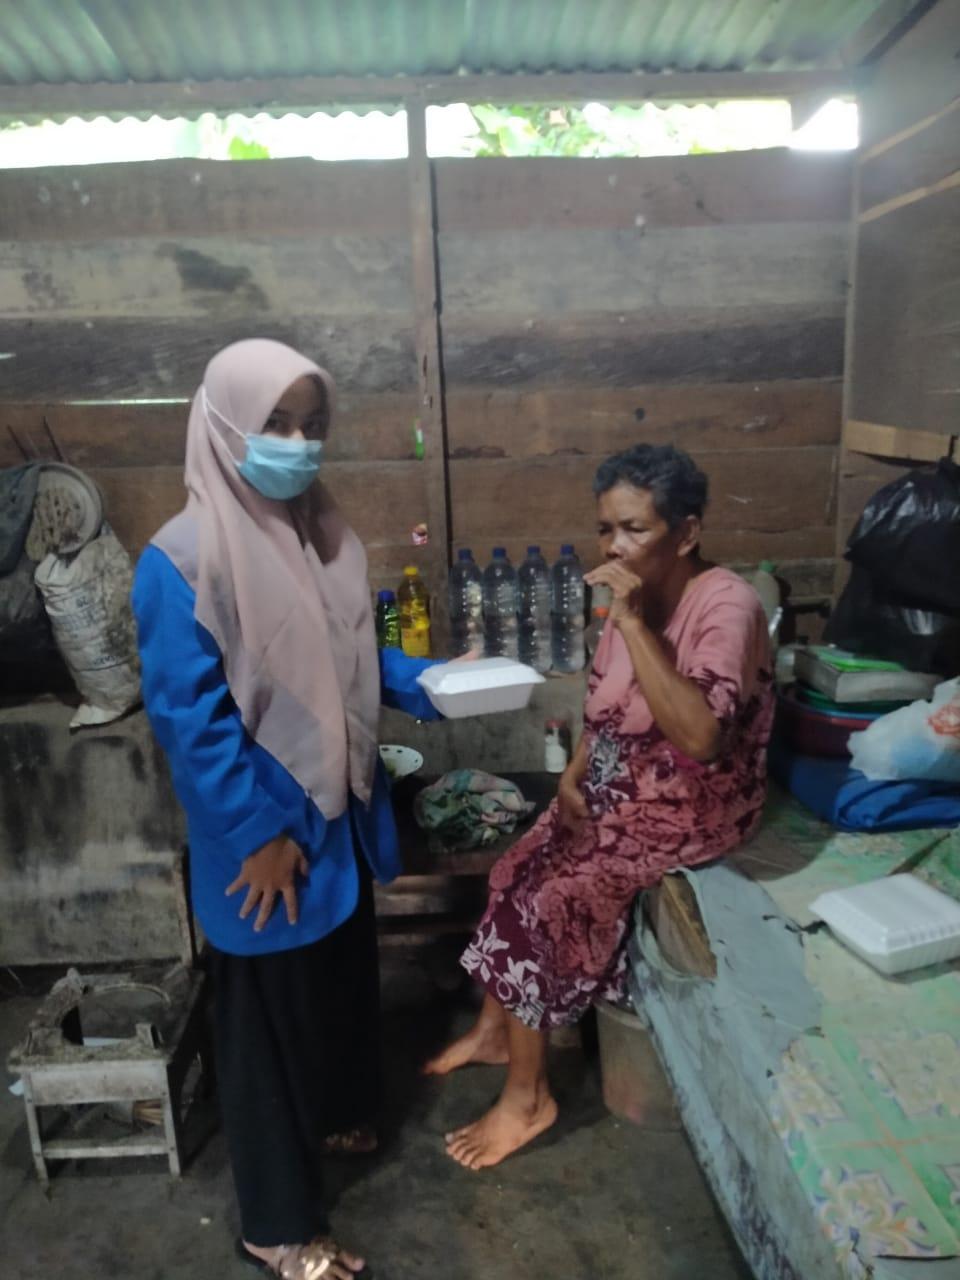 Forum Peduli Kemanusiaan Kota Langsa Berbagi Berkah Ramadhan Pada Anak Yatim dan Dhuafa Ditujuh Gampong